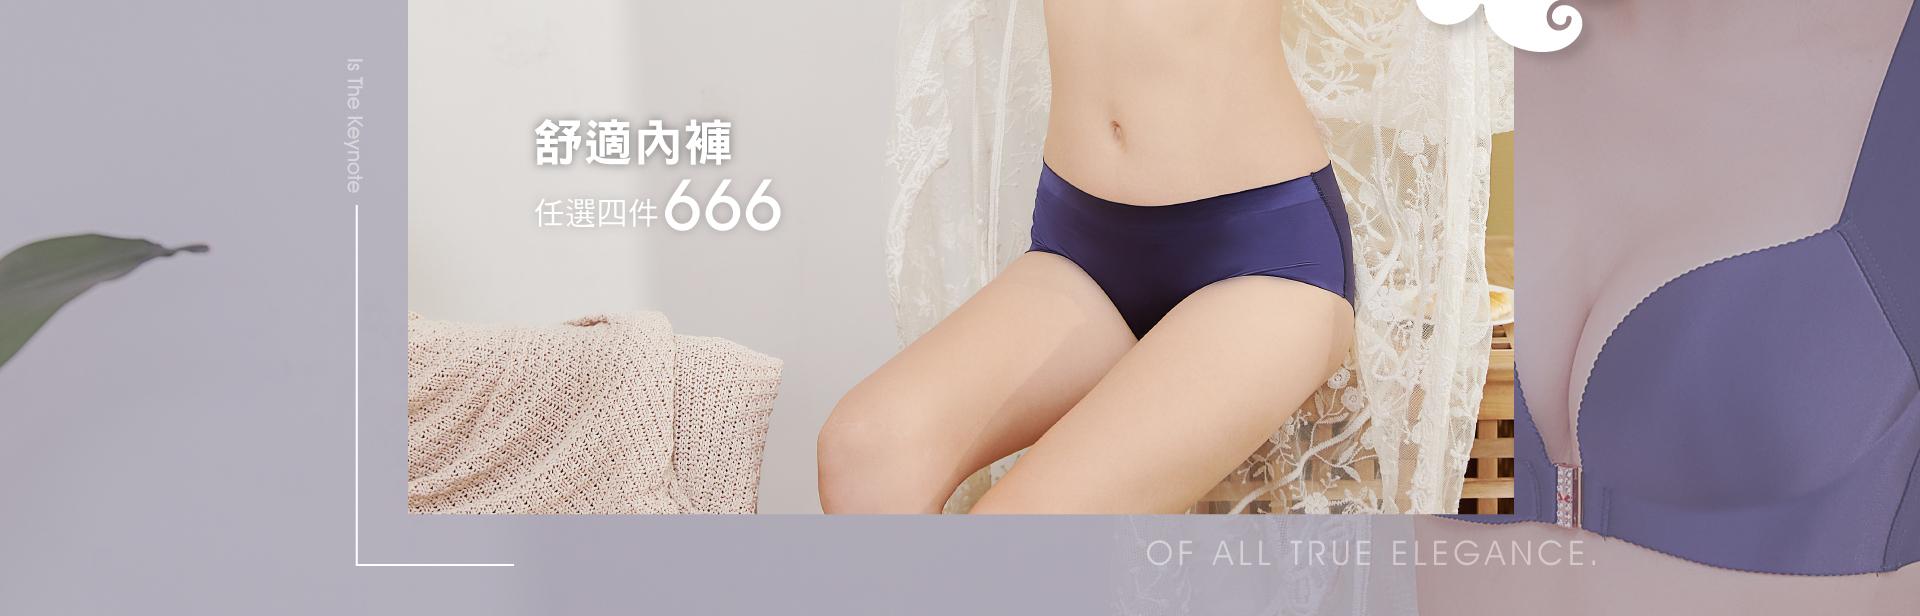 內褲4件666